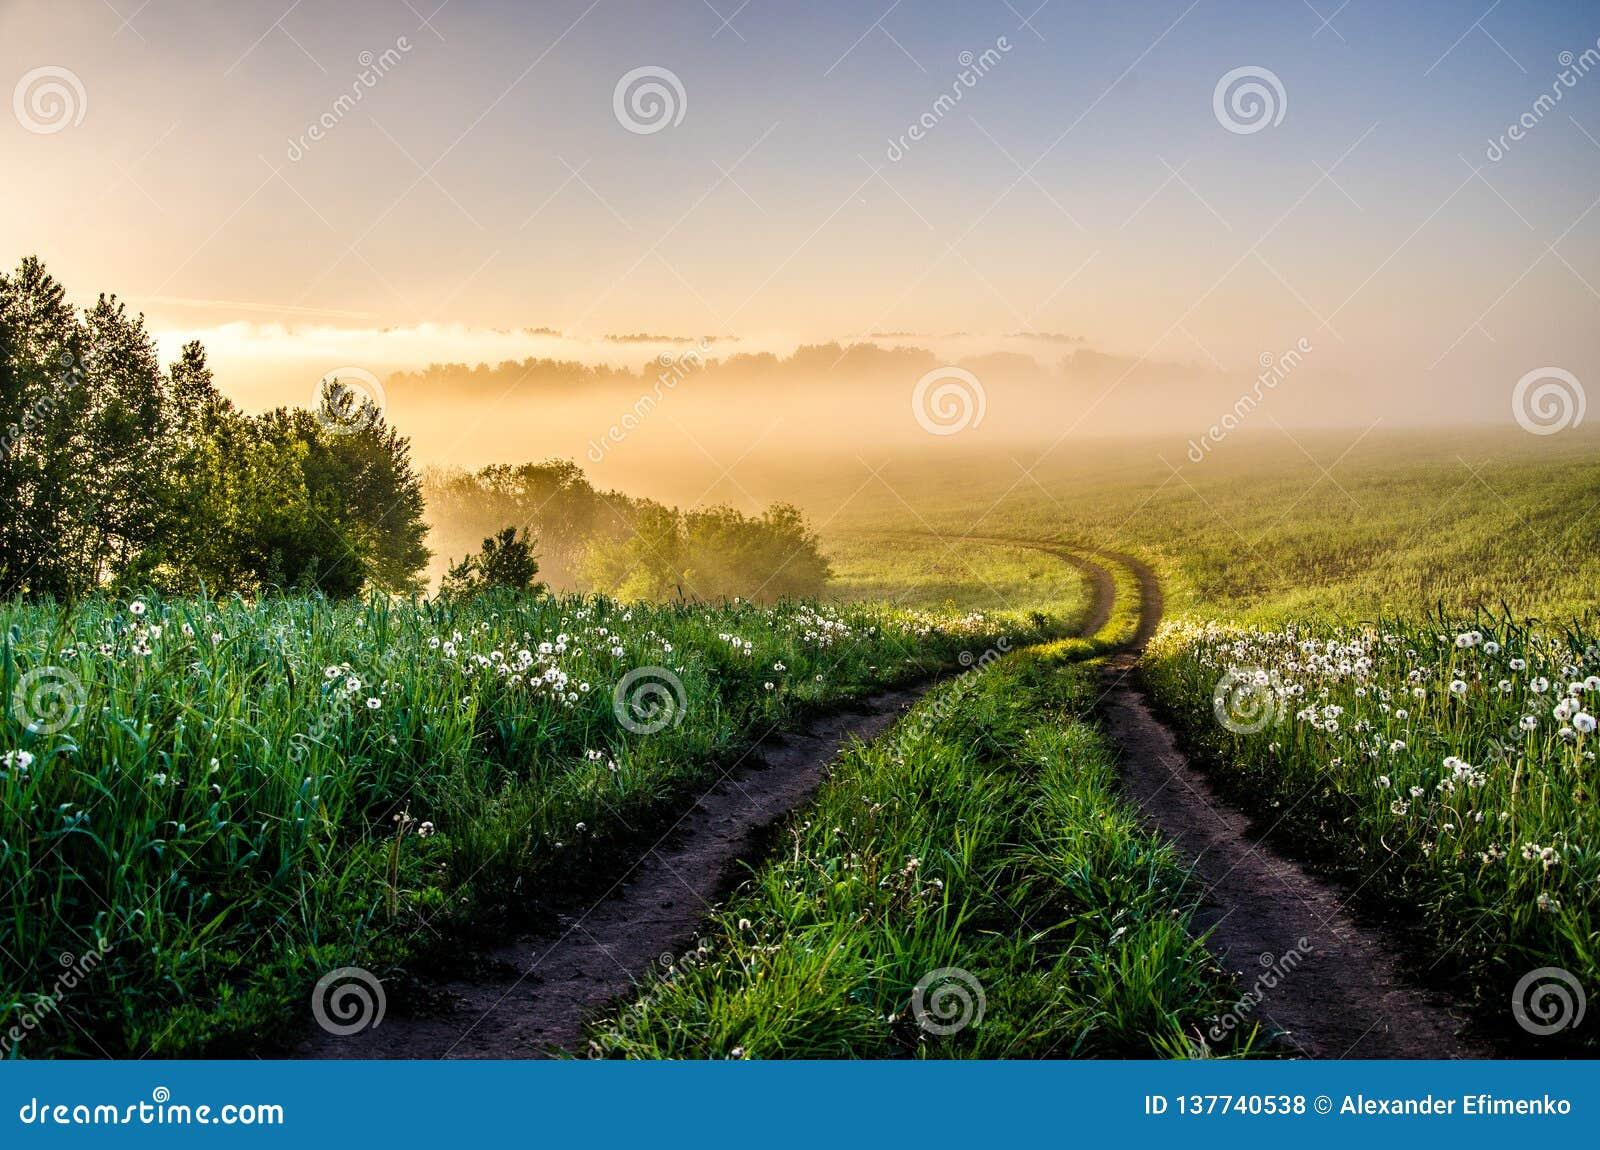 Piękna nad ptak chmur kolory muchy złota charakter wcześnie rano zwiększa morza przyjemny cicho odbicie na słońcu las chuje w mgl